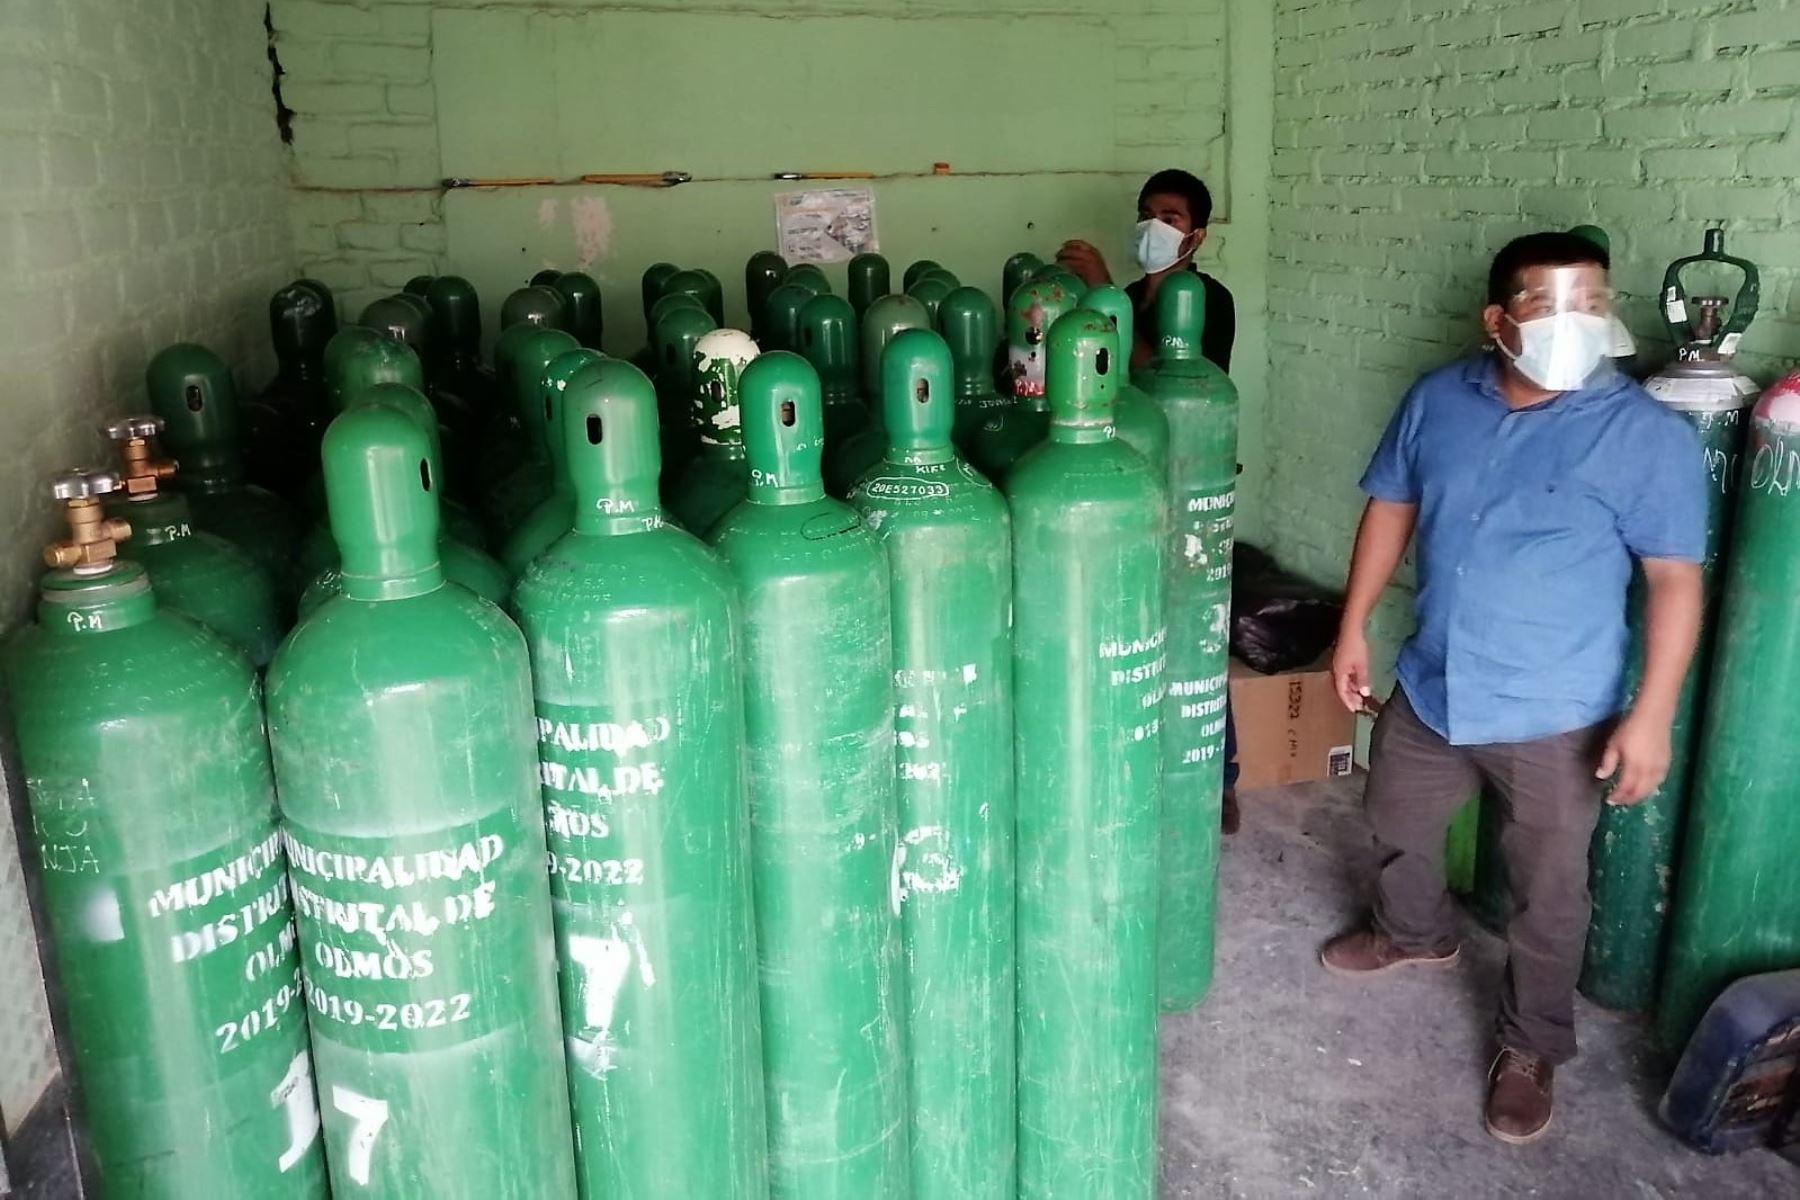 Llegan a Olmos 60 balones de oxígeno medicinal recargados con donación del alcalde y los regidores del distrito. Foto: ANDINA/Difusión